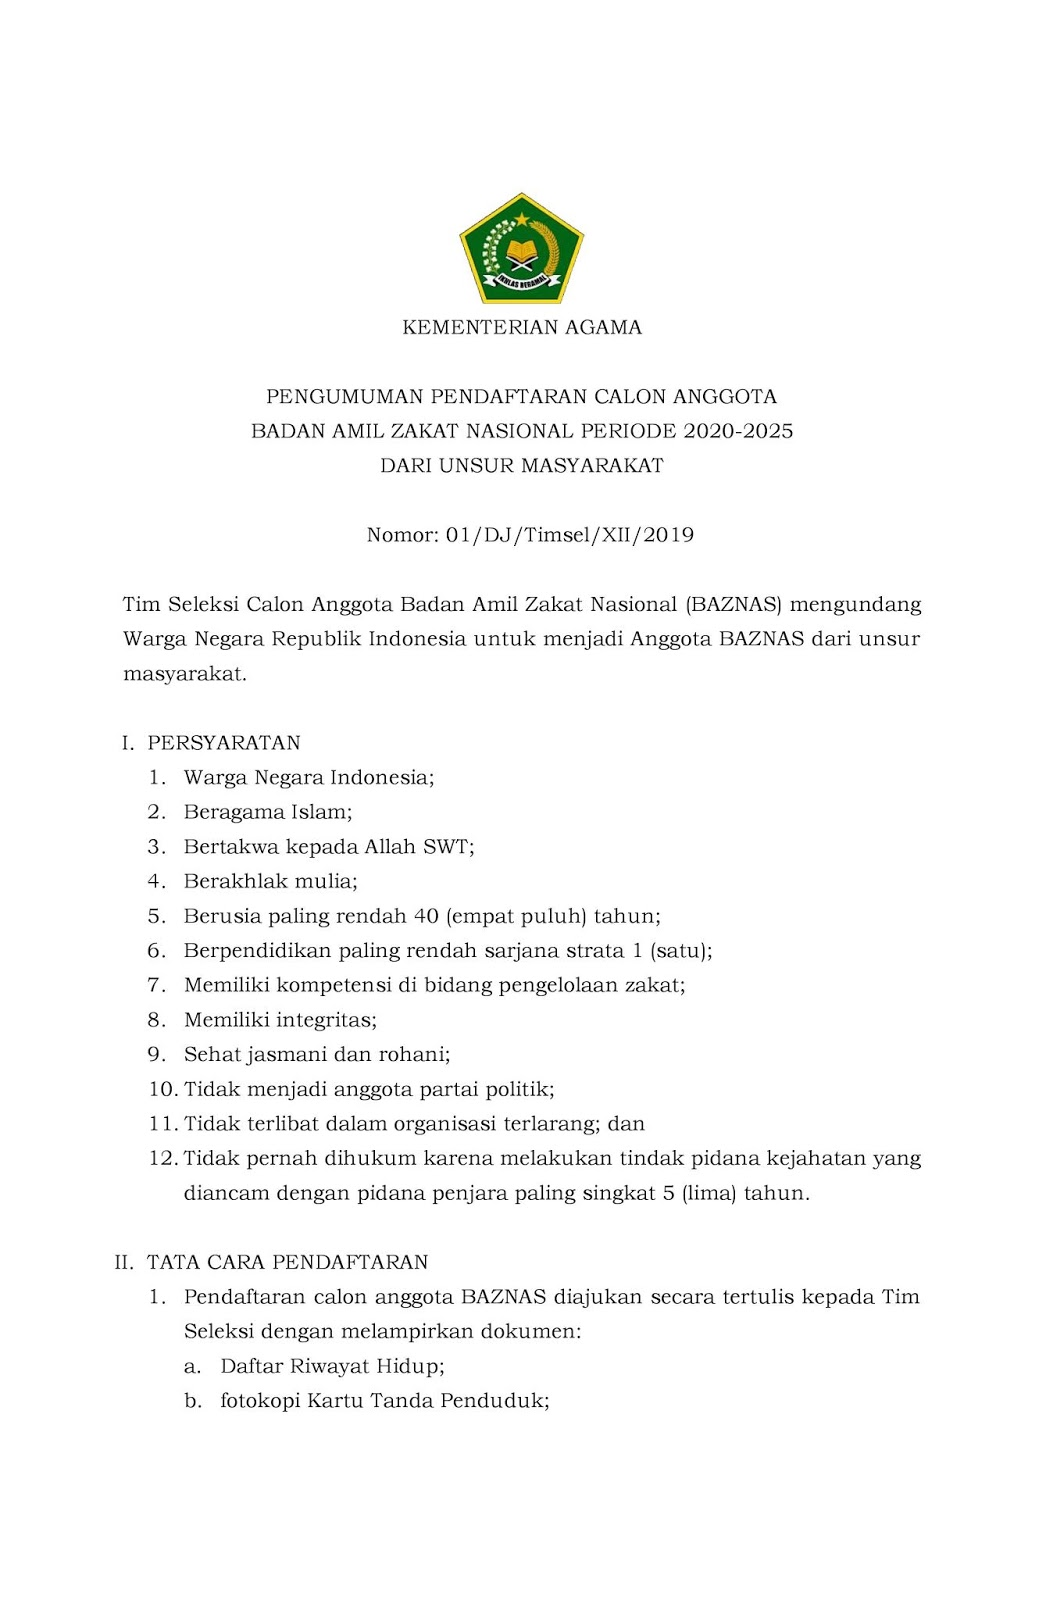 Lowongan Kerja BAZNAS Kementerian Agama Republik Indonesia Tahun Periode 2020-2025